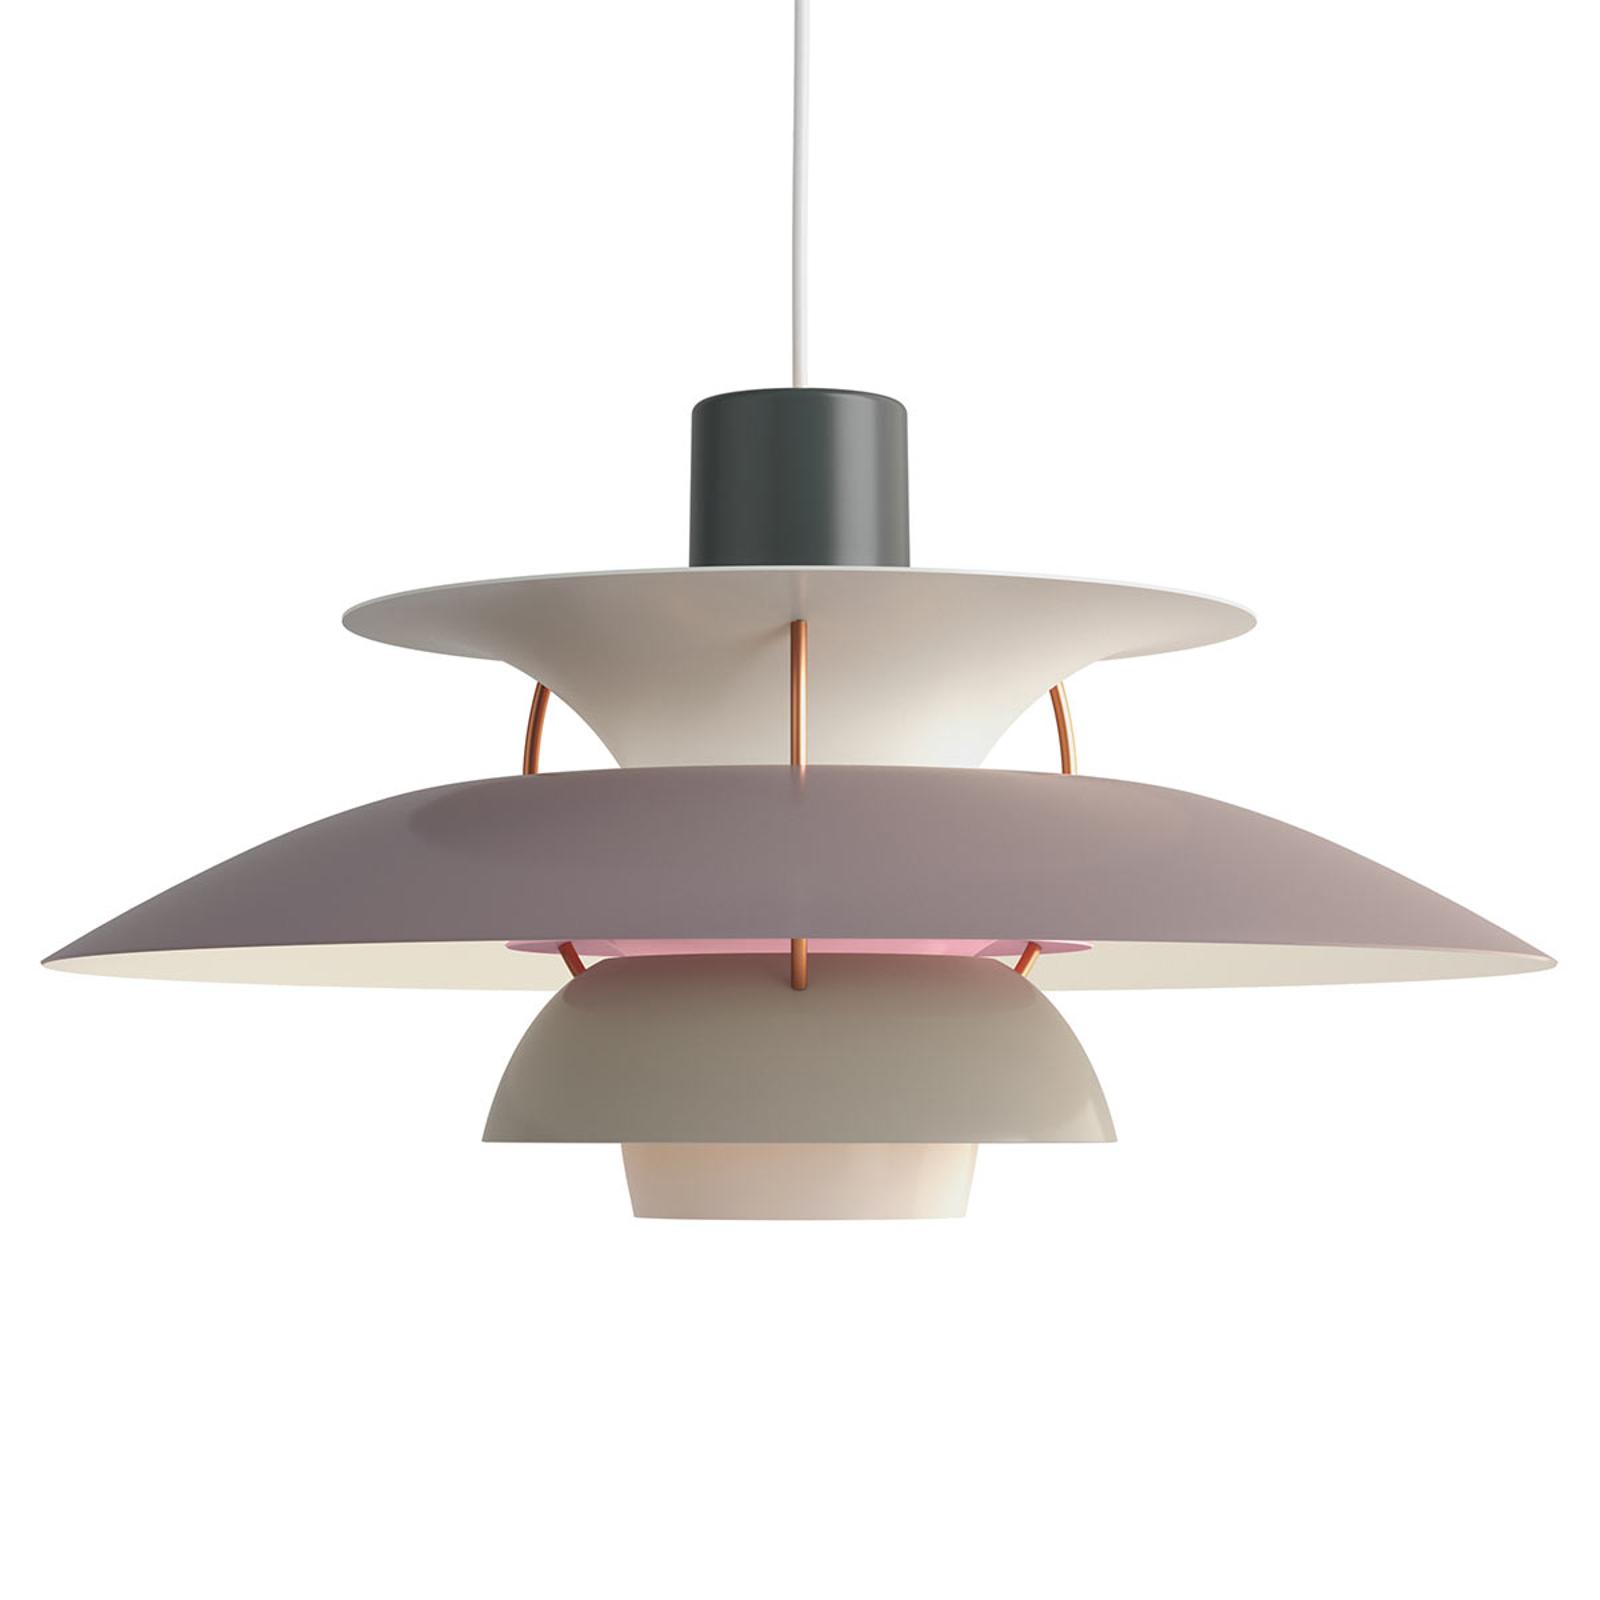 Deense designer hanglamp PH 5, grijs